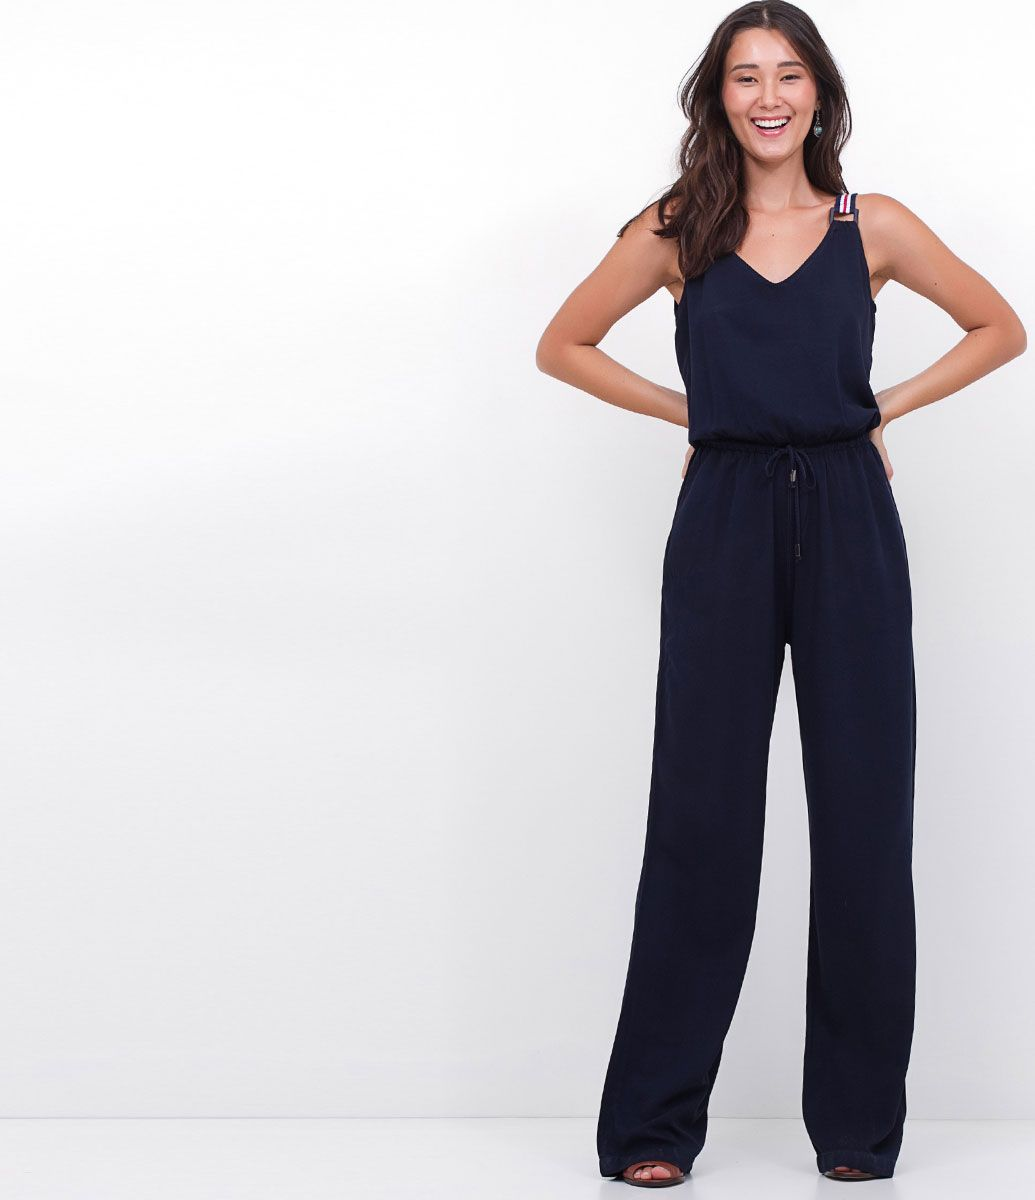 ab35ab1bd4 Macacão feminino Modelo longo Com bolsos Com alça de fita Marca: Marfinno  Tecido: Liocel Modelo veste tamanho: P Medidas do modelo: Altura: 1,72  Busto: 80 ...